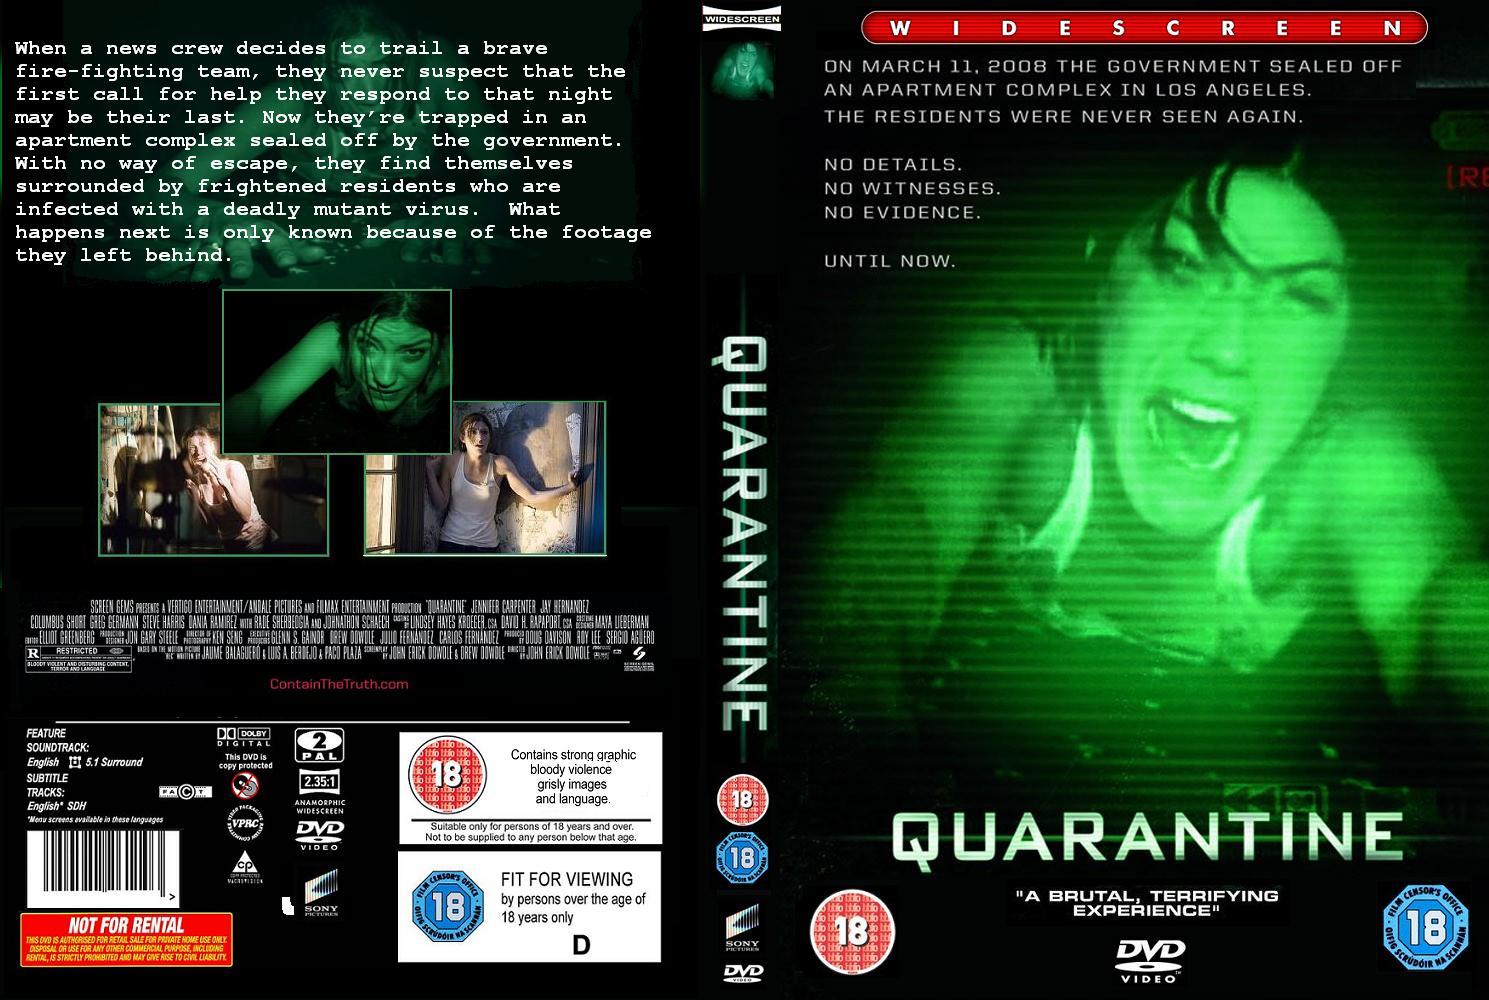 quarantine 2008 - photo #17